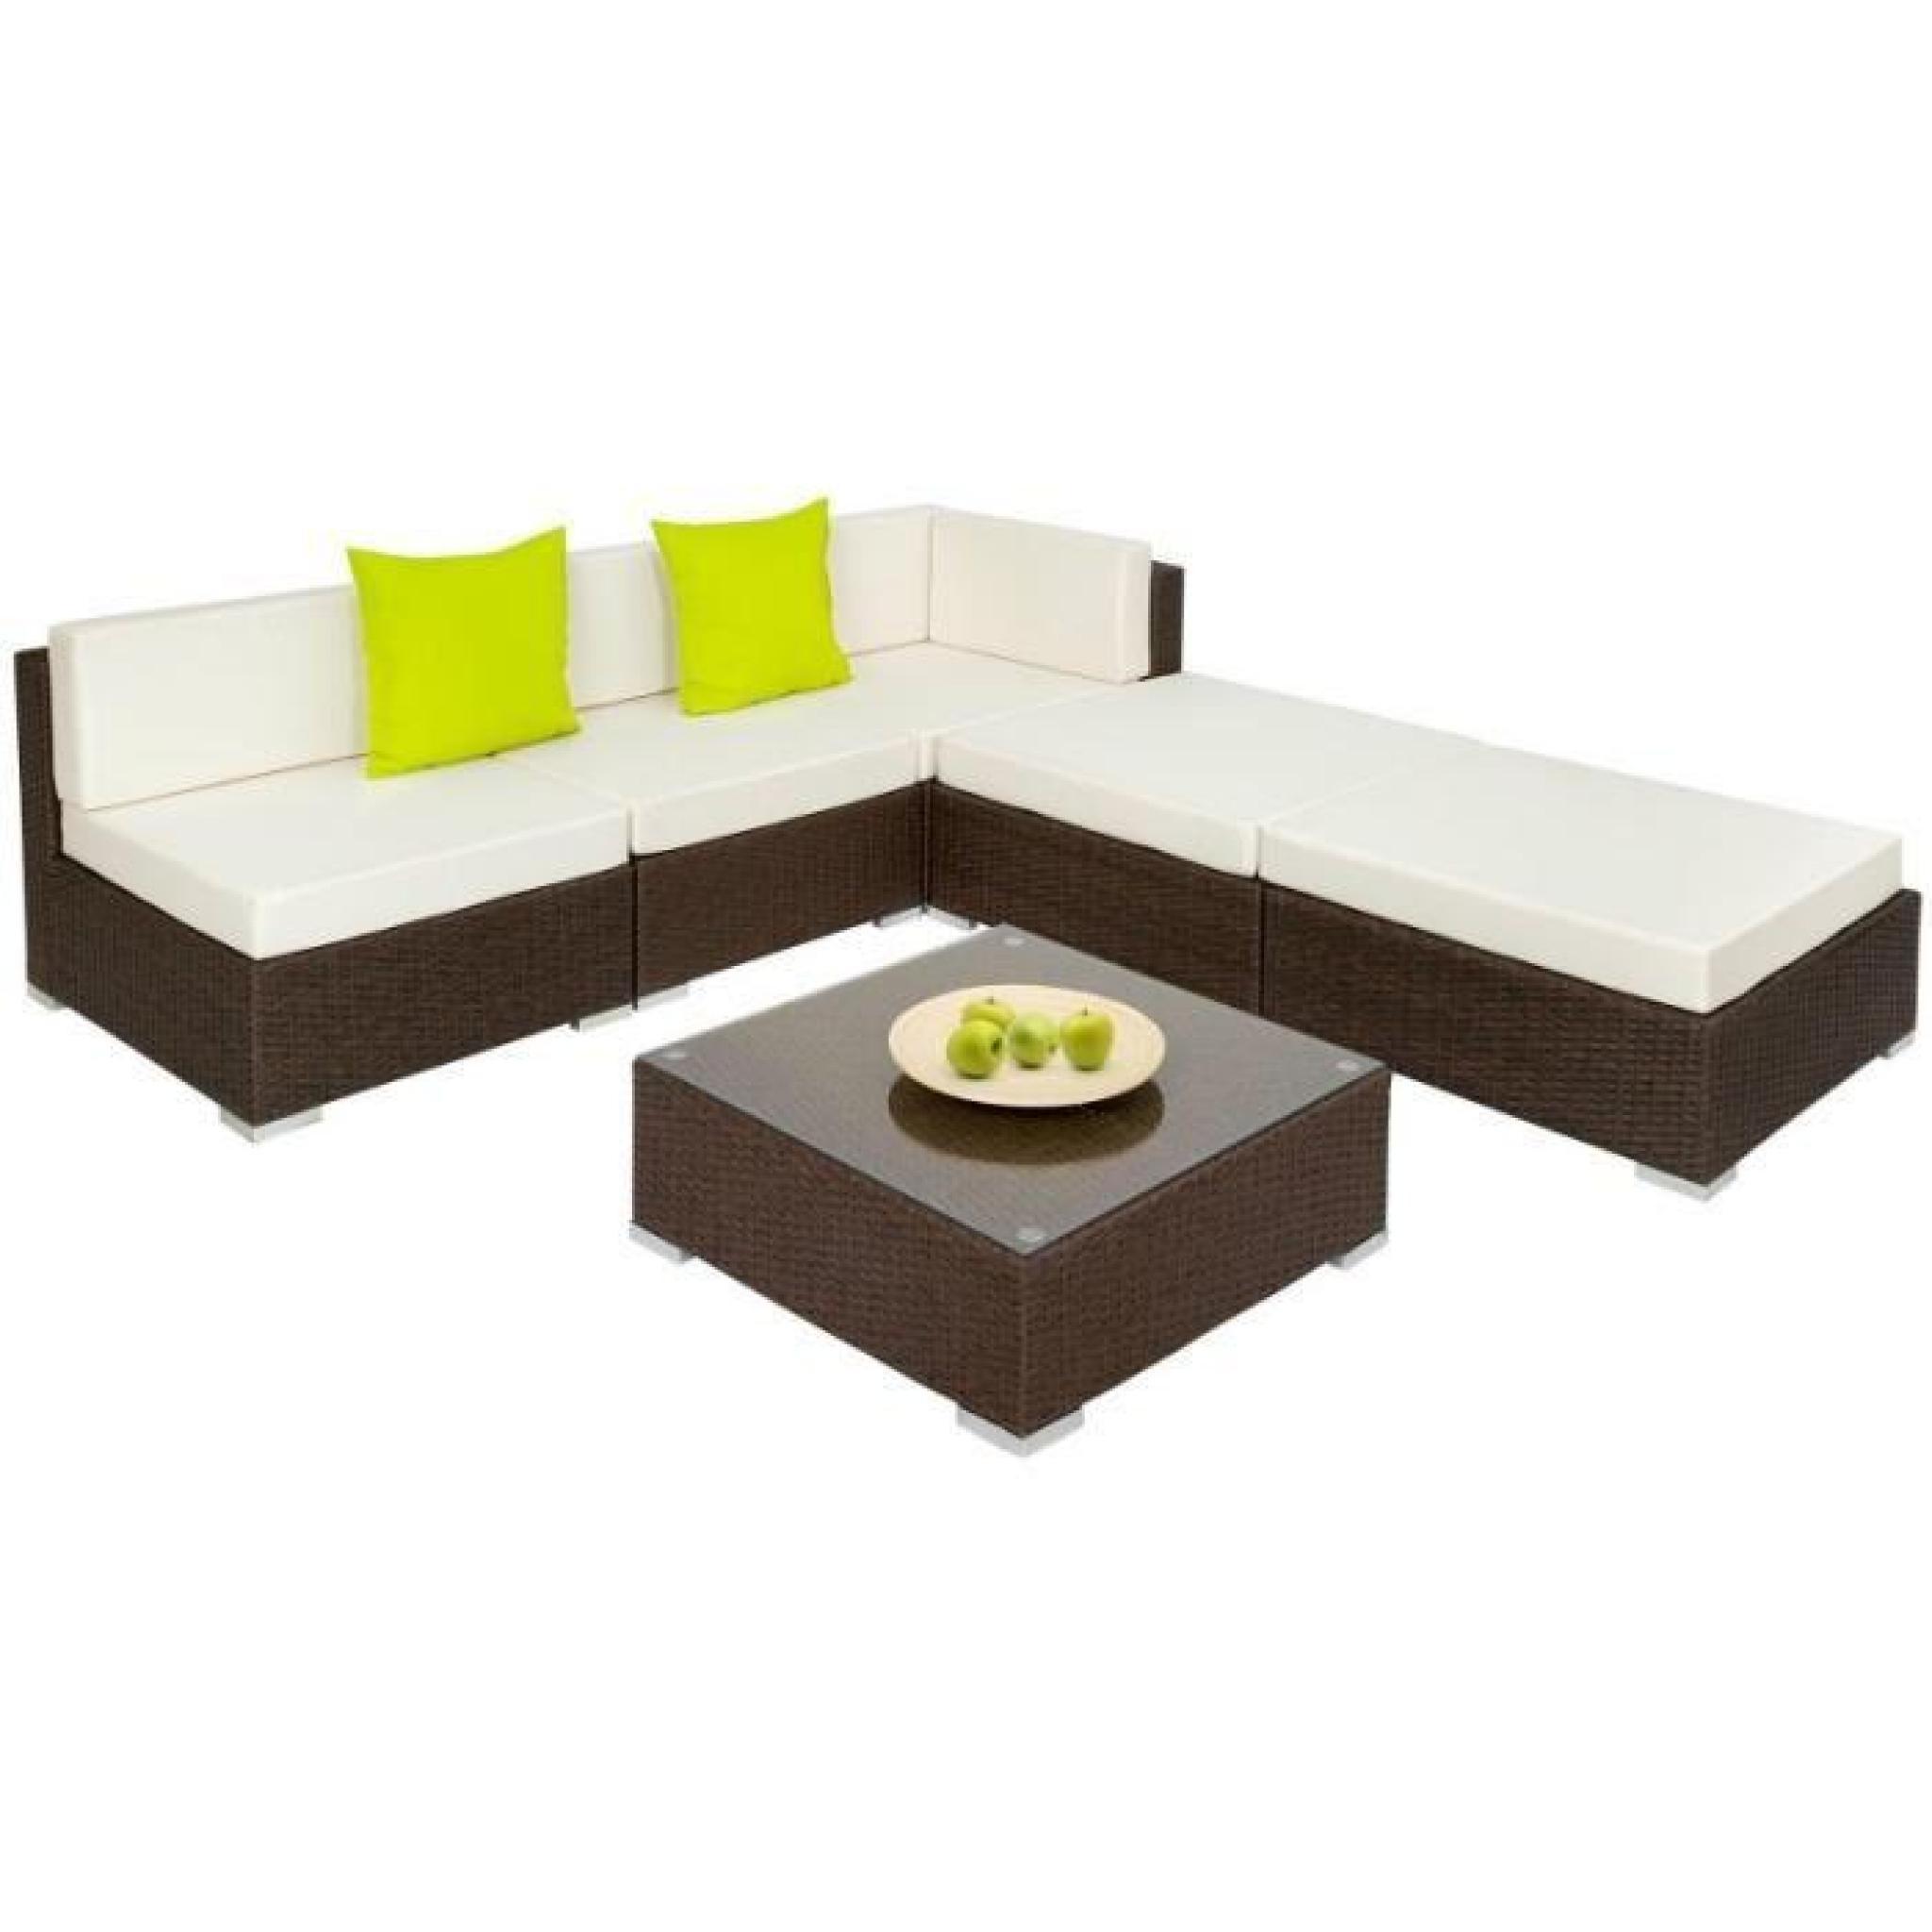 Salon de jardin rotin résine tressé synthétique marron 6 pièces 2108032